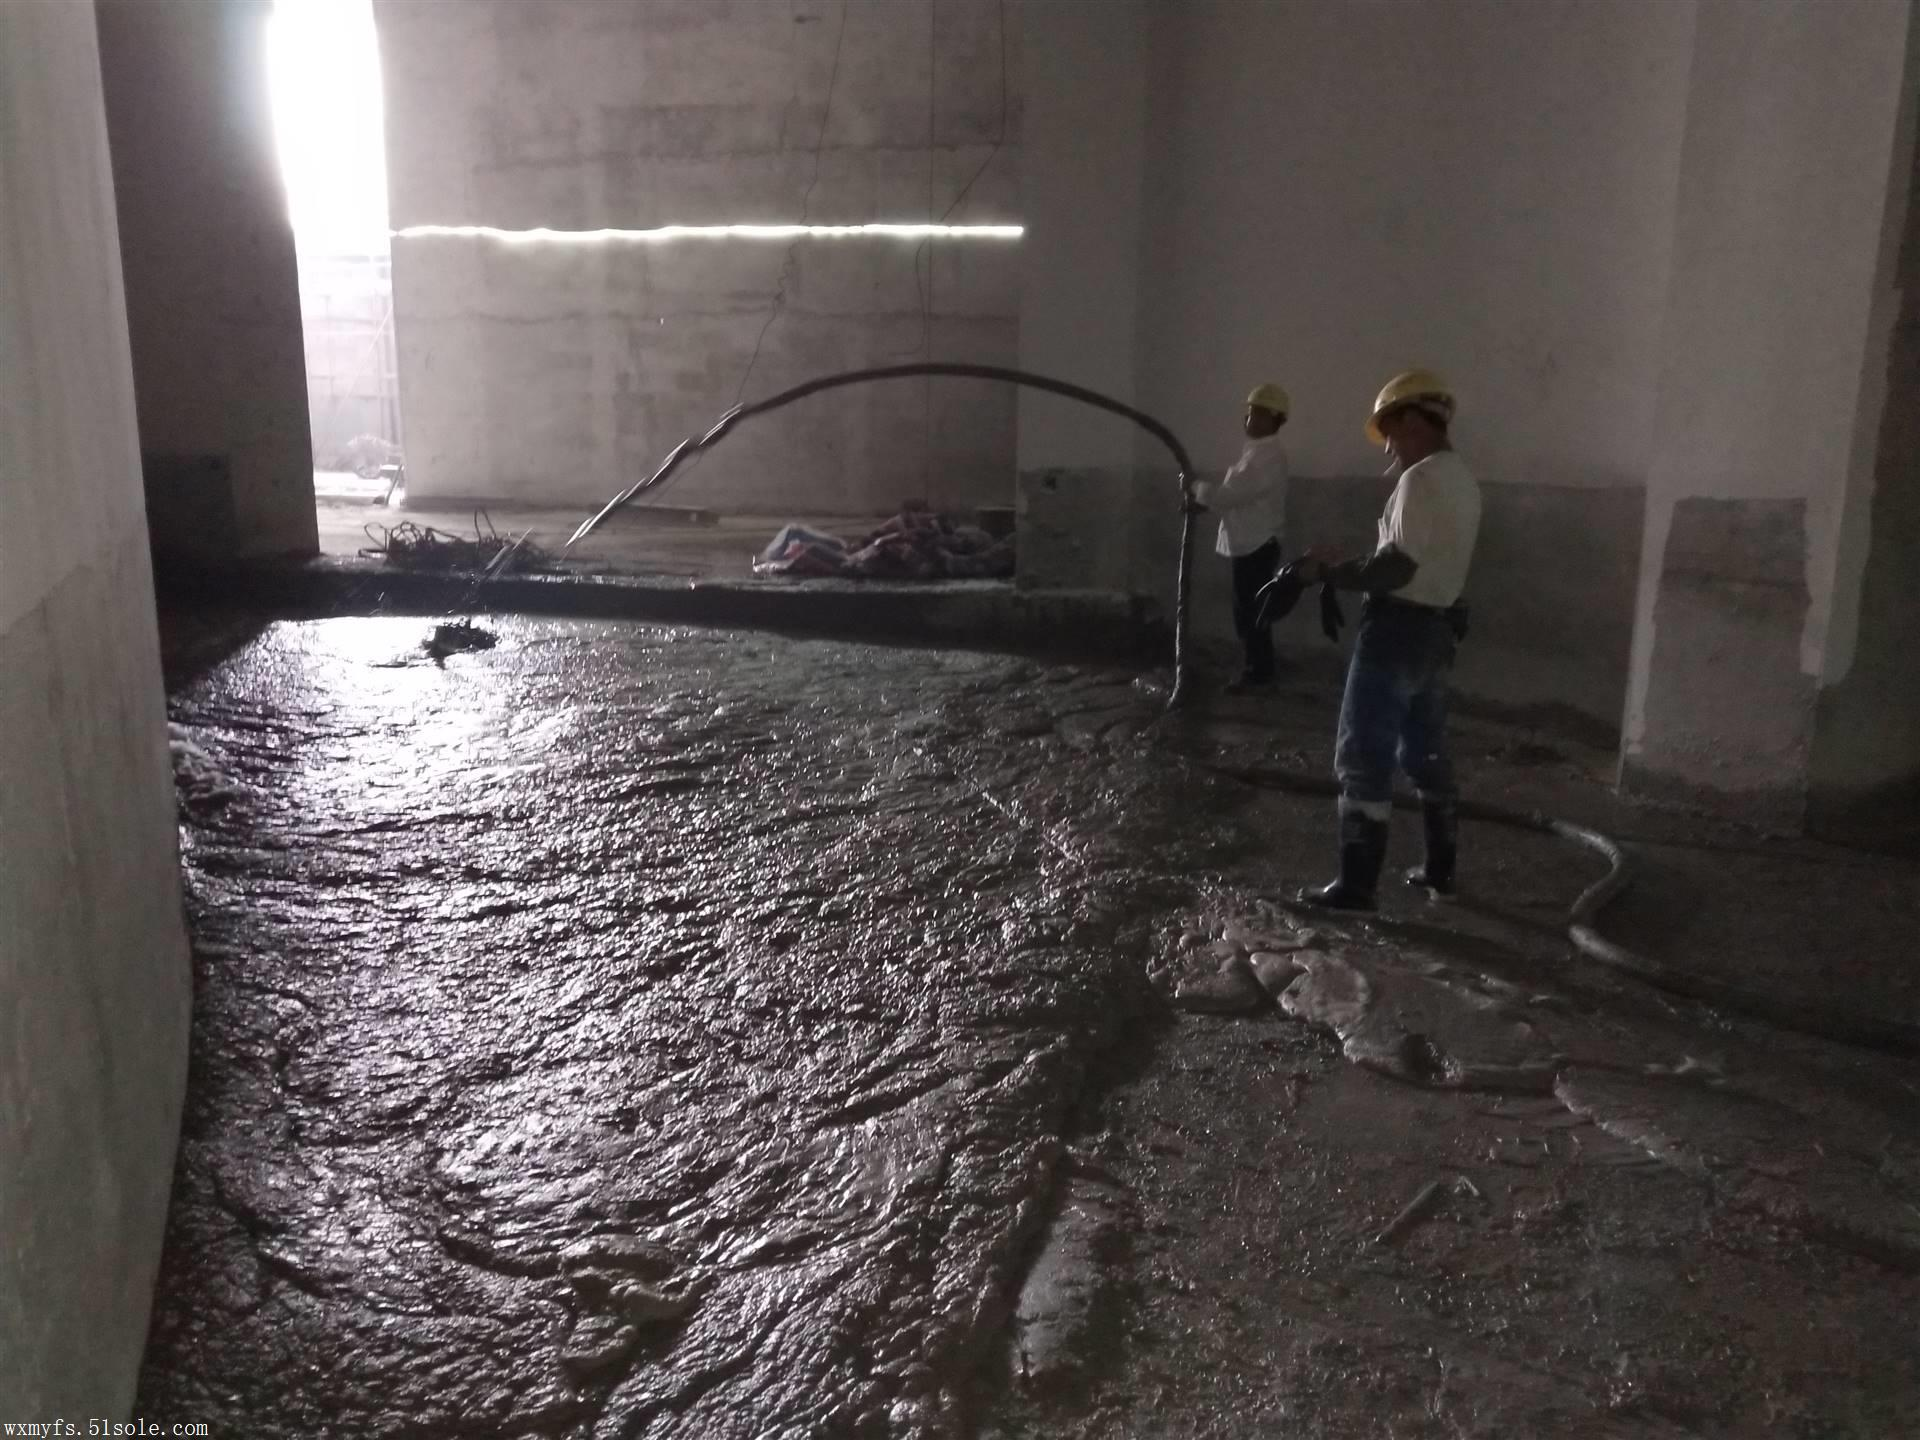 无锡永腾泡沫混凝土荣誉承接无锡万达城泡沫混凝土工程施工